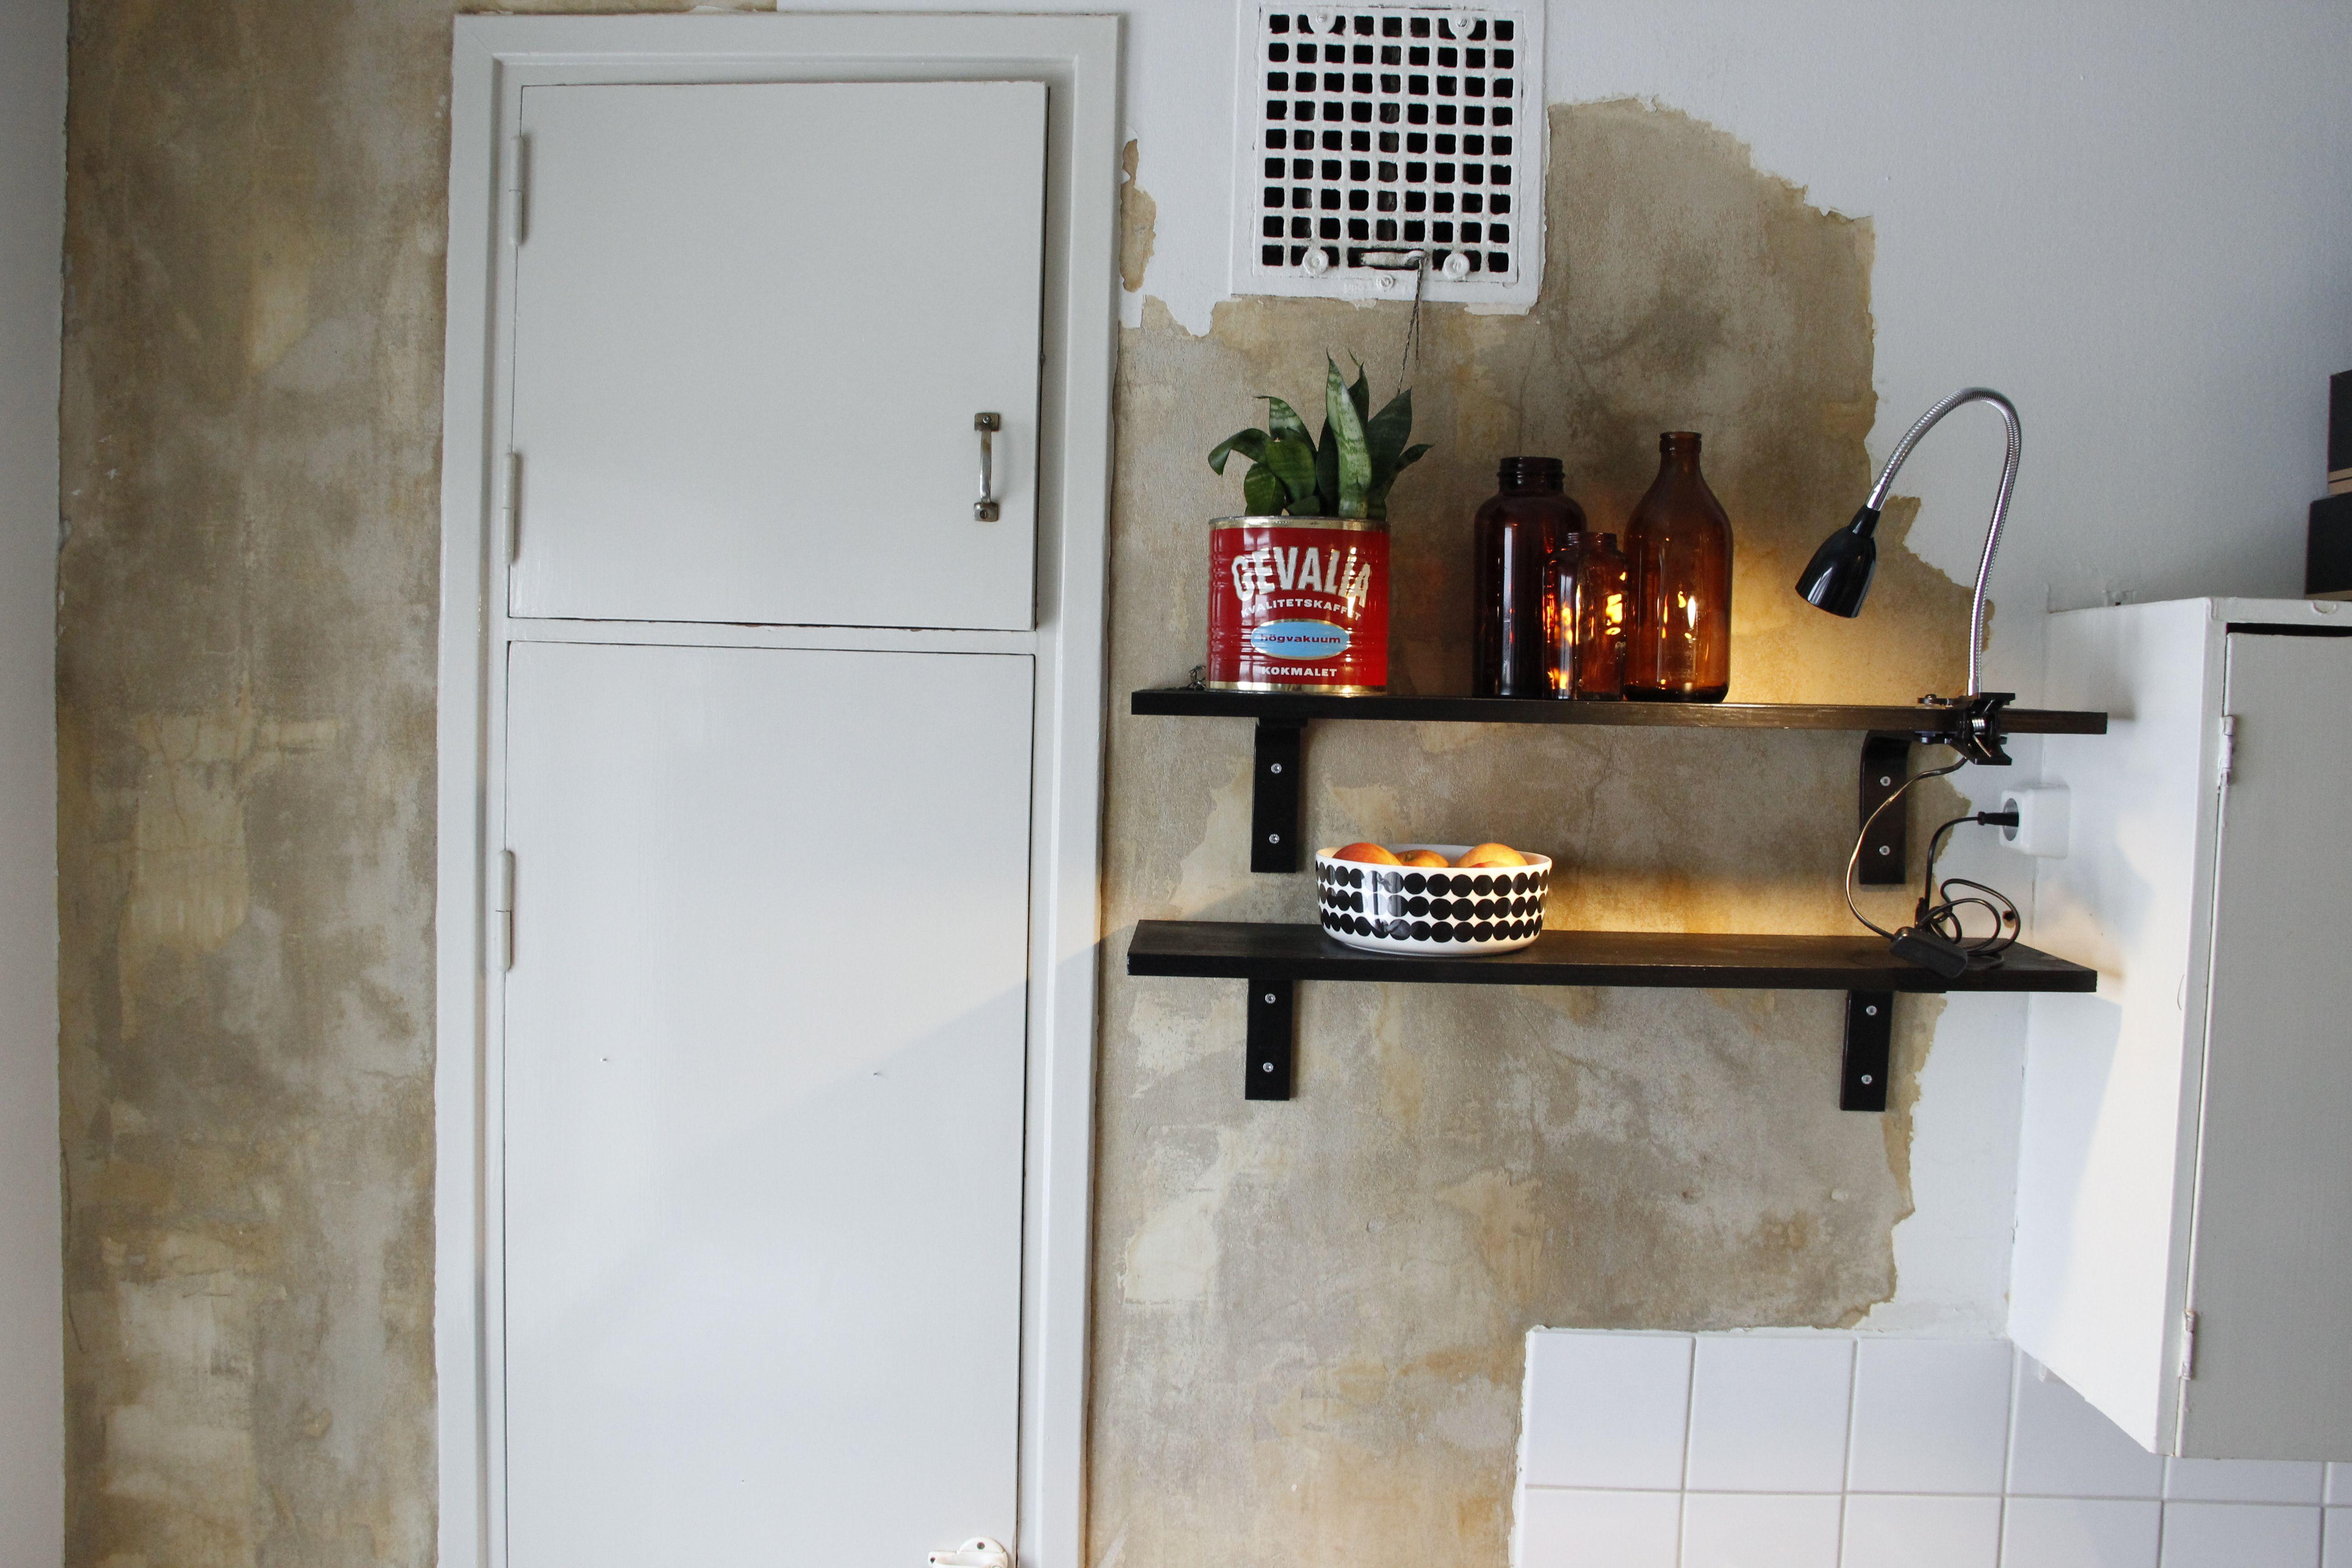 Maalinpoisto jäi puolitiehen; keskeneräinen seinä näyttääkin superhyvältä!  http://kirpparikeijunkotona.blogspot.fi/